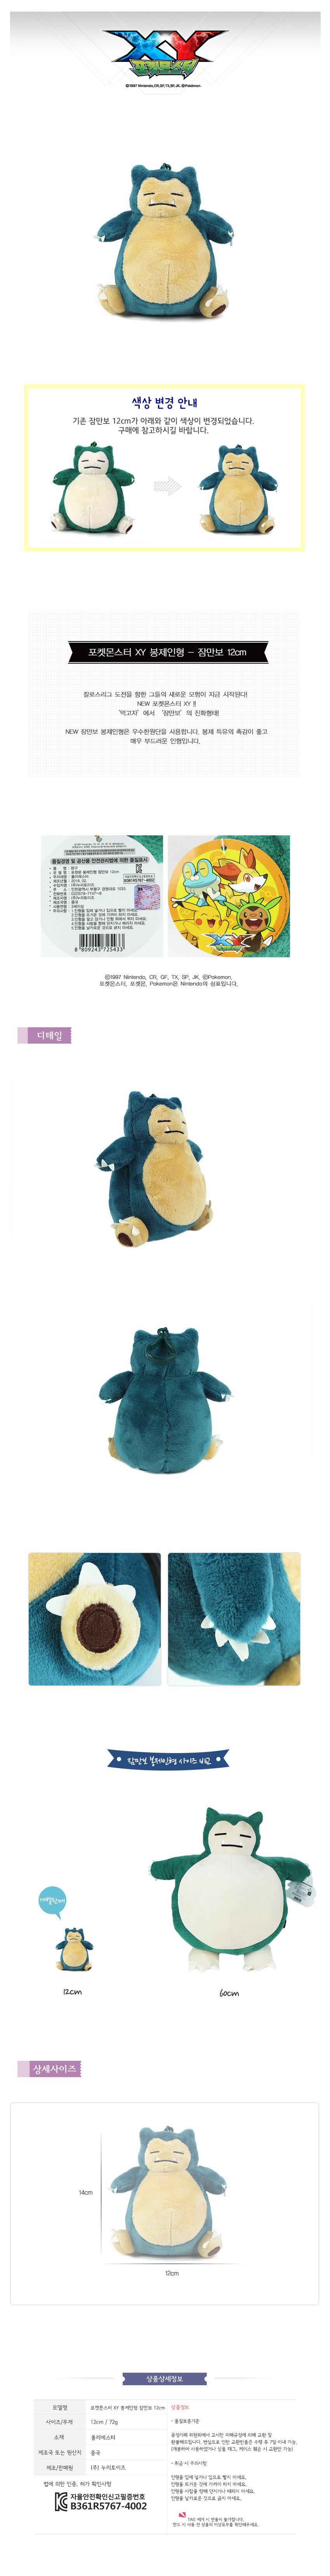 포켓몬스터 XY 봉제인형 - 잠만보 12cm 가방고리 - 베리샵, 6,500원, 캐릭터인형, 포켓몬스터